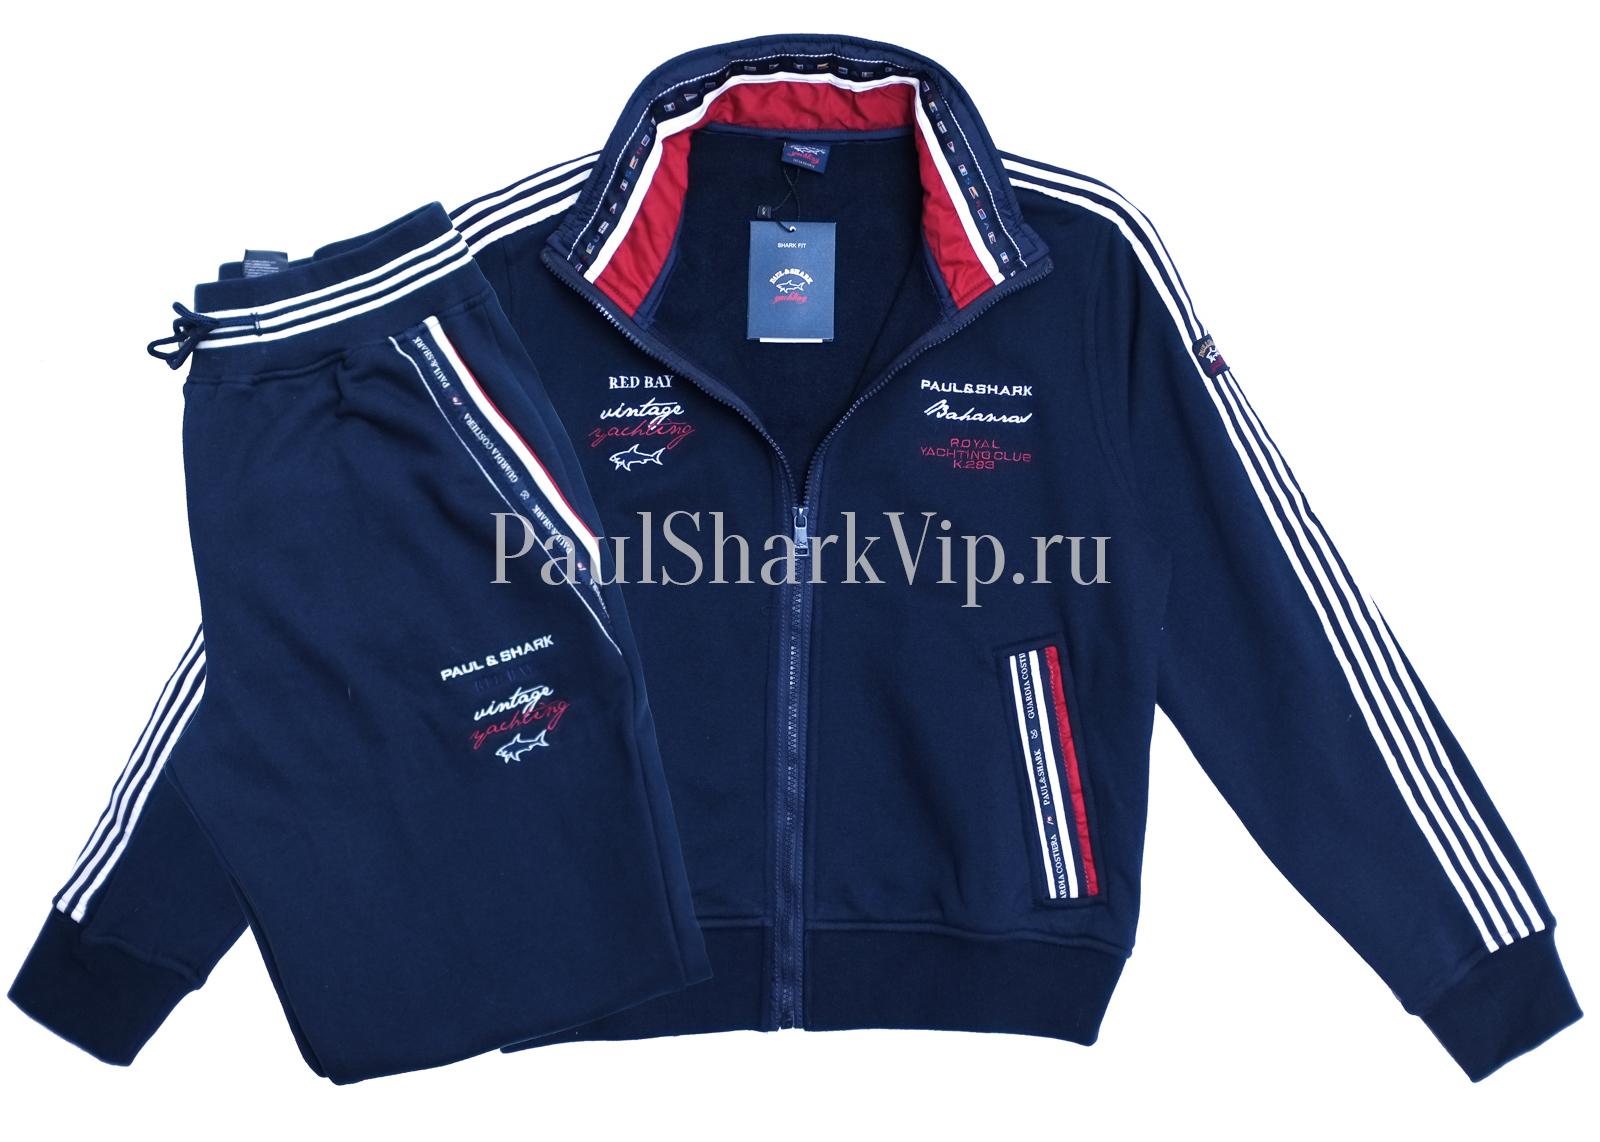 Спортивный костюм Paul & Shark | 48/50/52/56